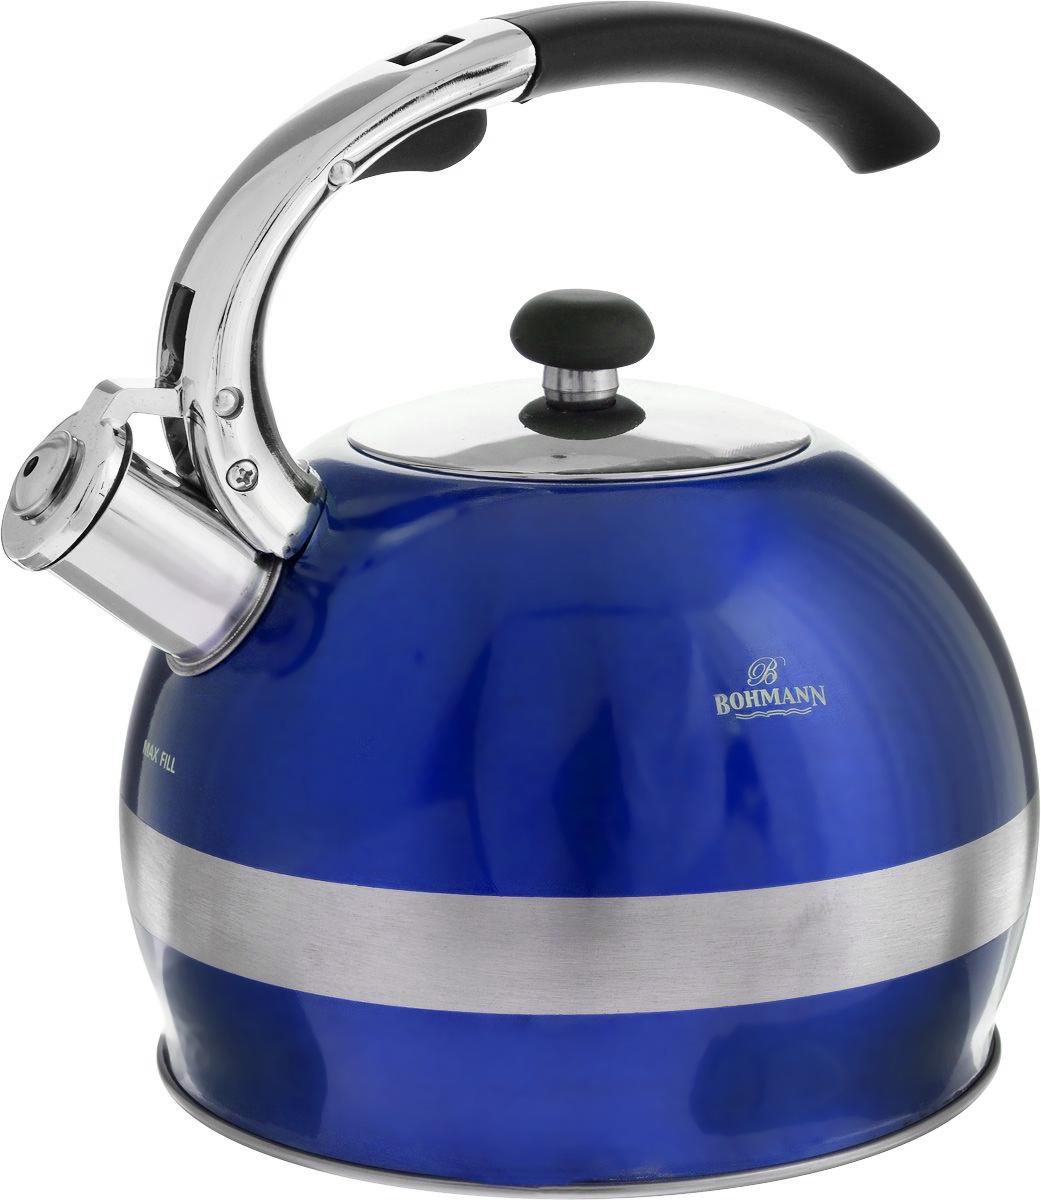 Чайник Bohmann, со свистком, цвет: синий, 2,7 лBH-9995_синийЧайник Bohmann изготовлен из нержавеющей стали с матовой и зеркальной полировкой.Высококачественная сталь представляет собой материал, из которого в течение несколькихдесятилетий во всеммире производятся столовые приборы, кухонные инструменты и различные аксессуары. Этотматериал обладаетвысокой стойкостью к коррозии и кислотам. Прочность, долговечность и надежность этогоматериала, а такжепервоклассная обработка обеспечивают практически неограниченный запас прочности инеизменнопривлекательный внешний вид.Чайник оснащен фиксированной удобной ручкой из бакелита черного цвета. Ручка ненагревается, чтопредотвращает появление ожогов и обеспечивает безопасность использования. Носик чайникаимеет откиднойсвисток для определения кипения.Можно использовать на всех типах плит, включая индукционные. Можно мыть в посудомоечноймашине.Диаметр (по верхнему краю): 9,5 см. Высота чайника (без учета ручки): 14,5 см. Высота чайника (с учетом ручки): 23 см. Диаметр основания: 13 см.